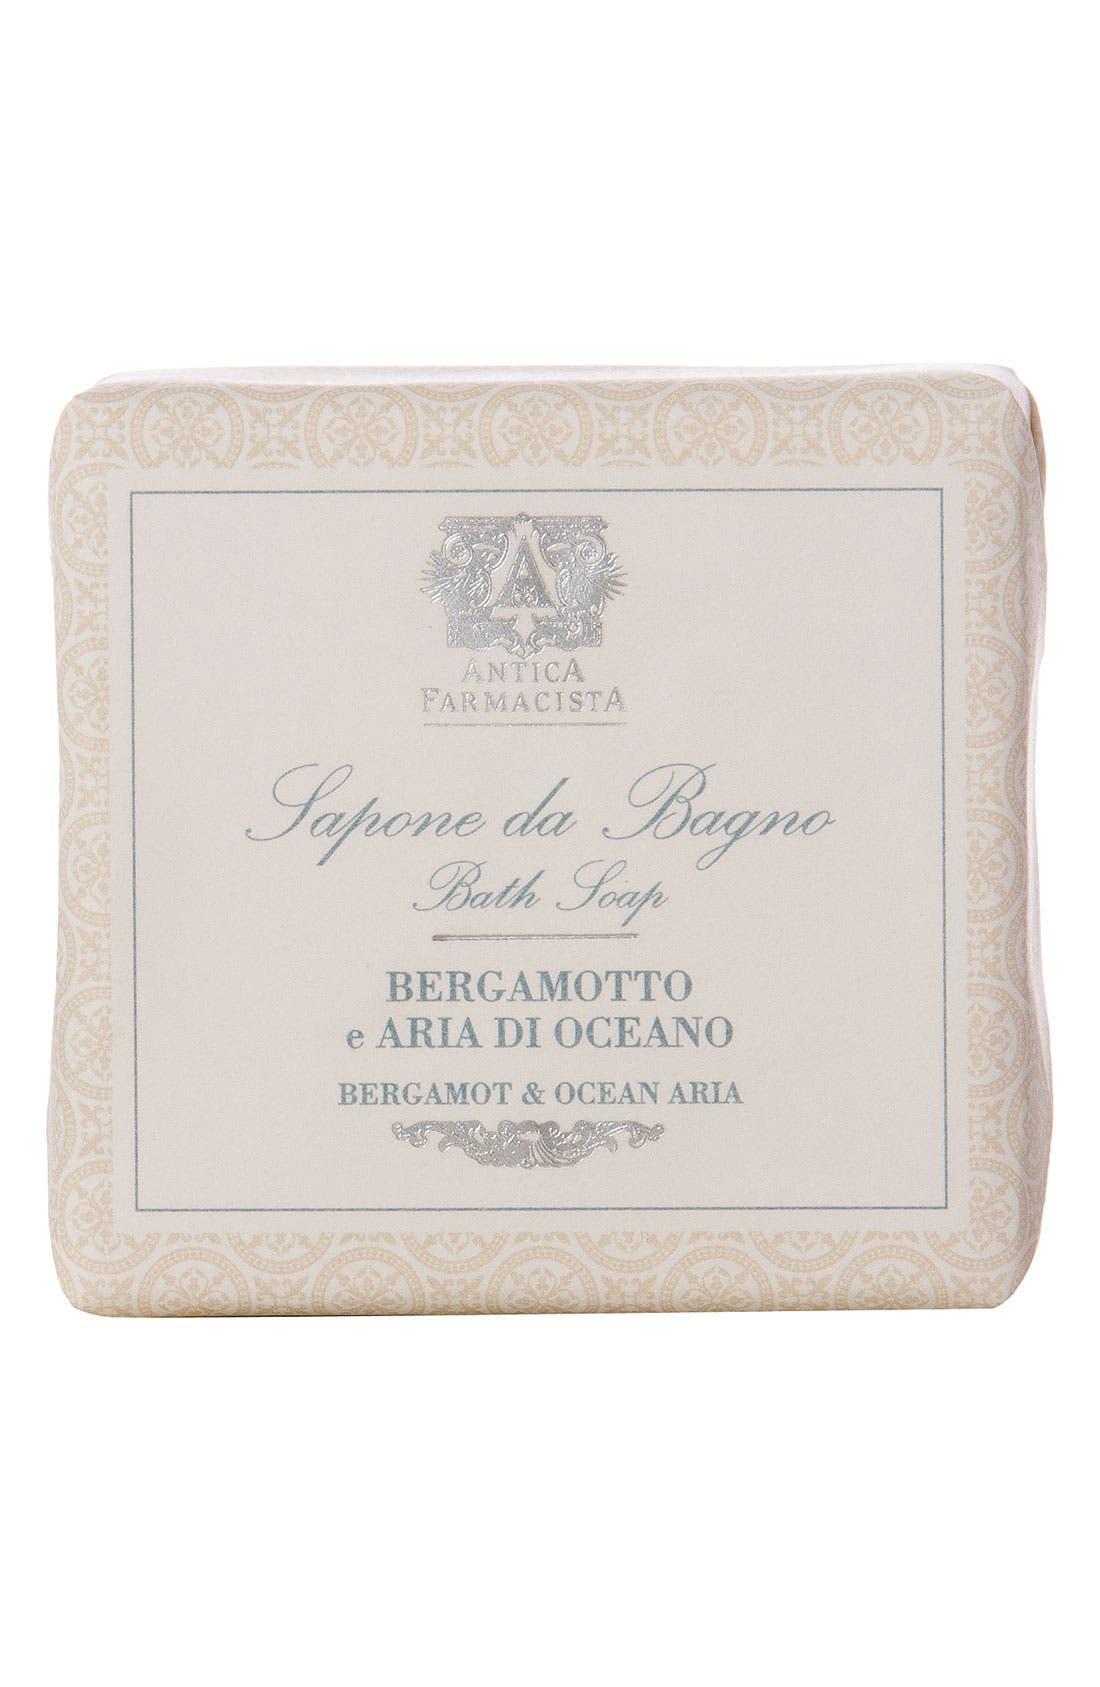 'Bergamot & Ocean Aria' Bar Soap,                         Main,                         color, 000